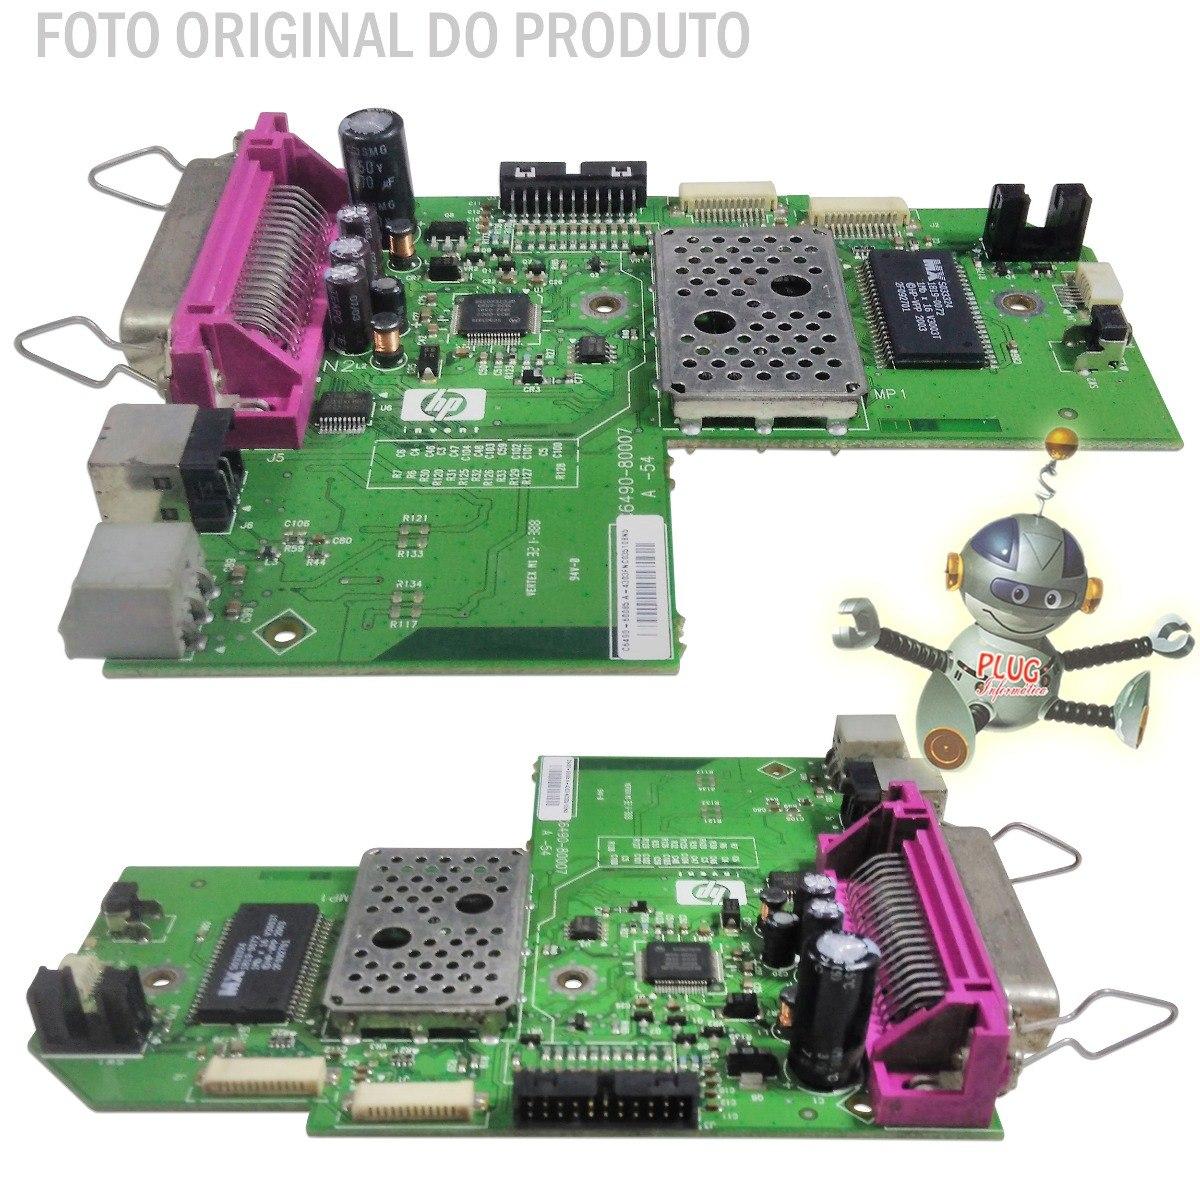 placa l gica impressora hp deskjet 5650 r 14 99 em mercado livre rh produto mercadolivre com br